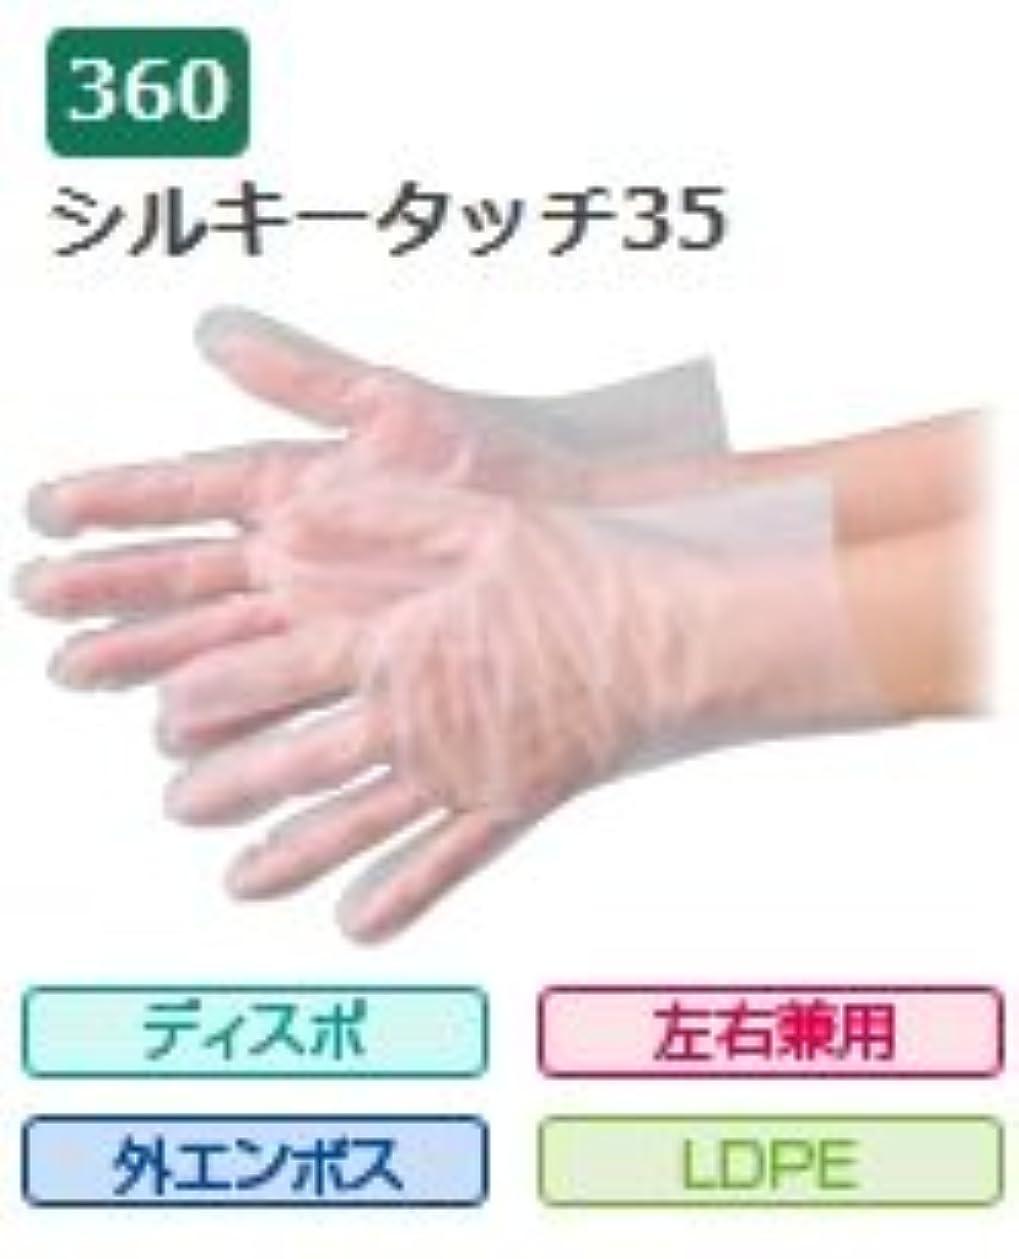 抑止する多分喜劇エブノ ポリエチレン手袋 No.360 S 半透明 (100枚×50袋) シルキータッチ35 袋入